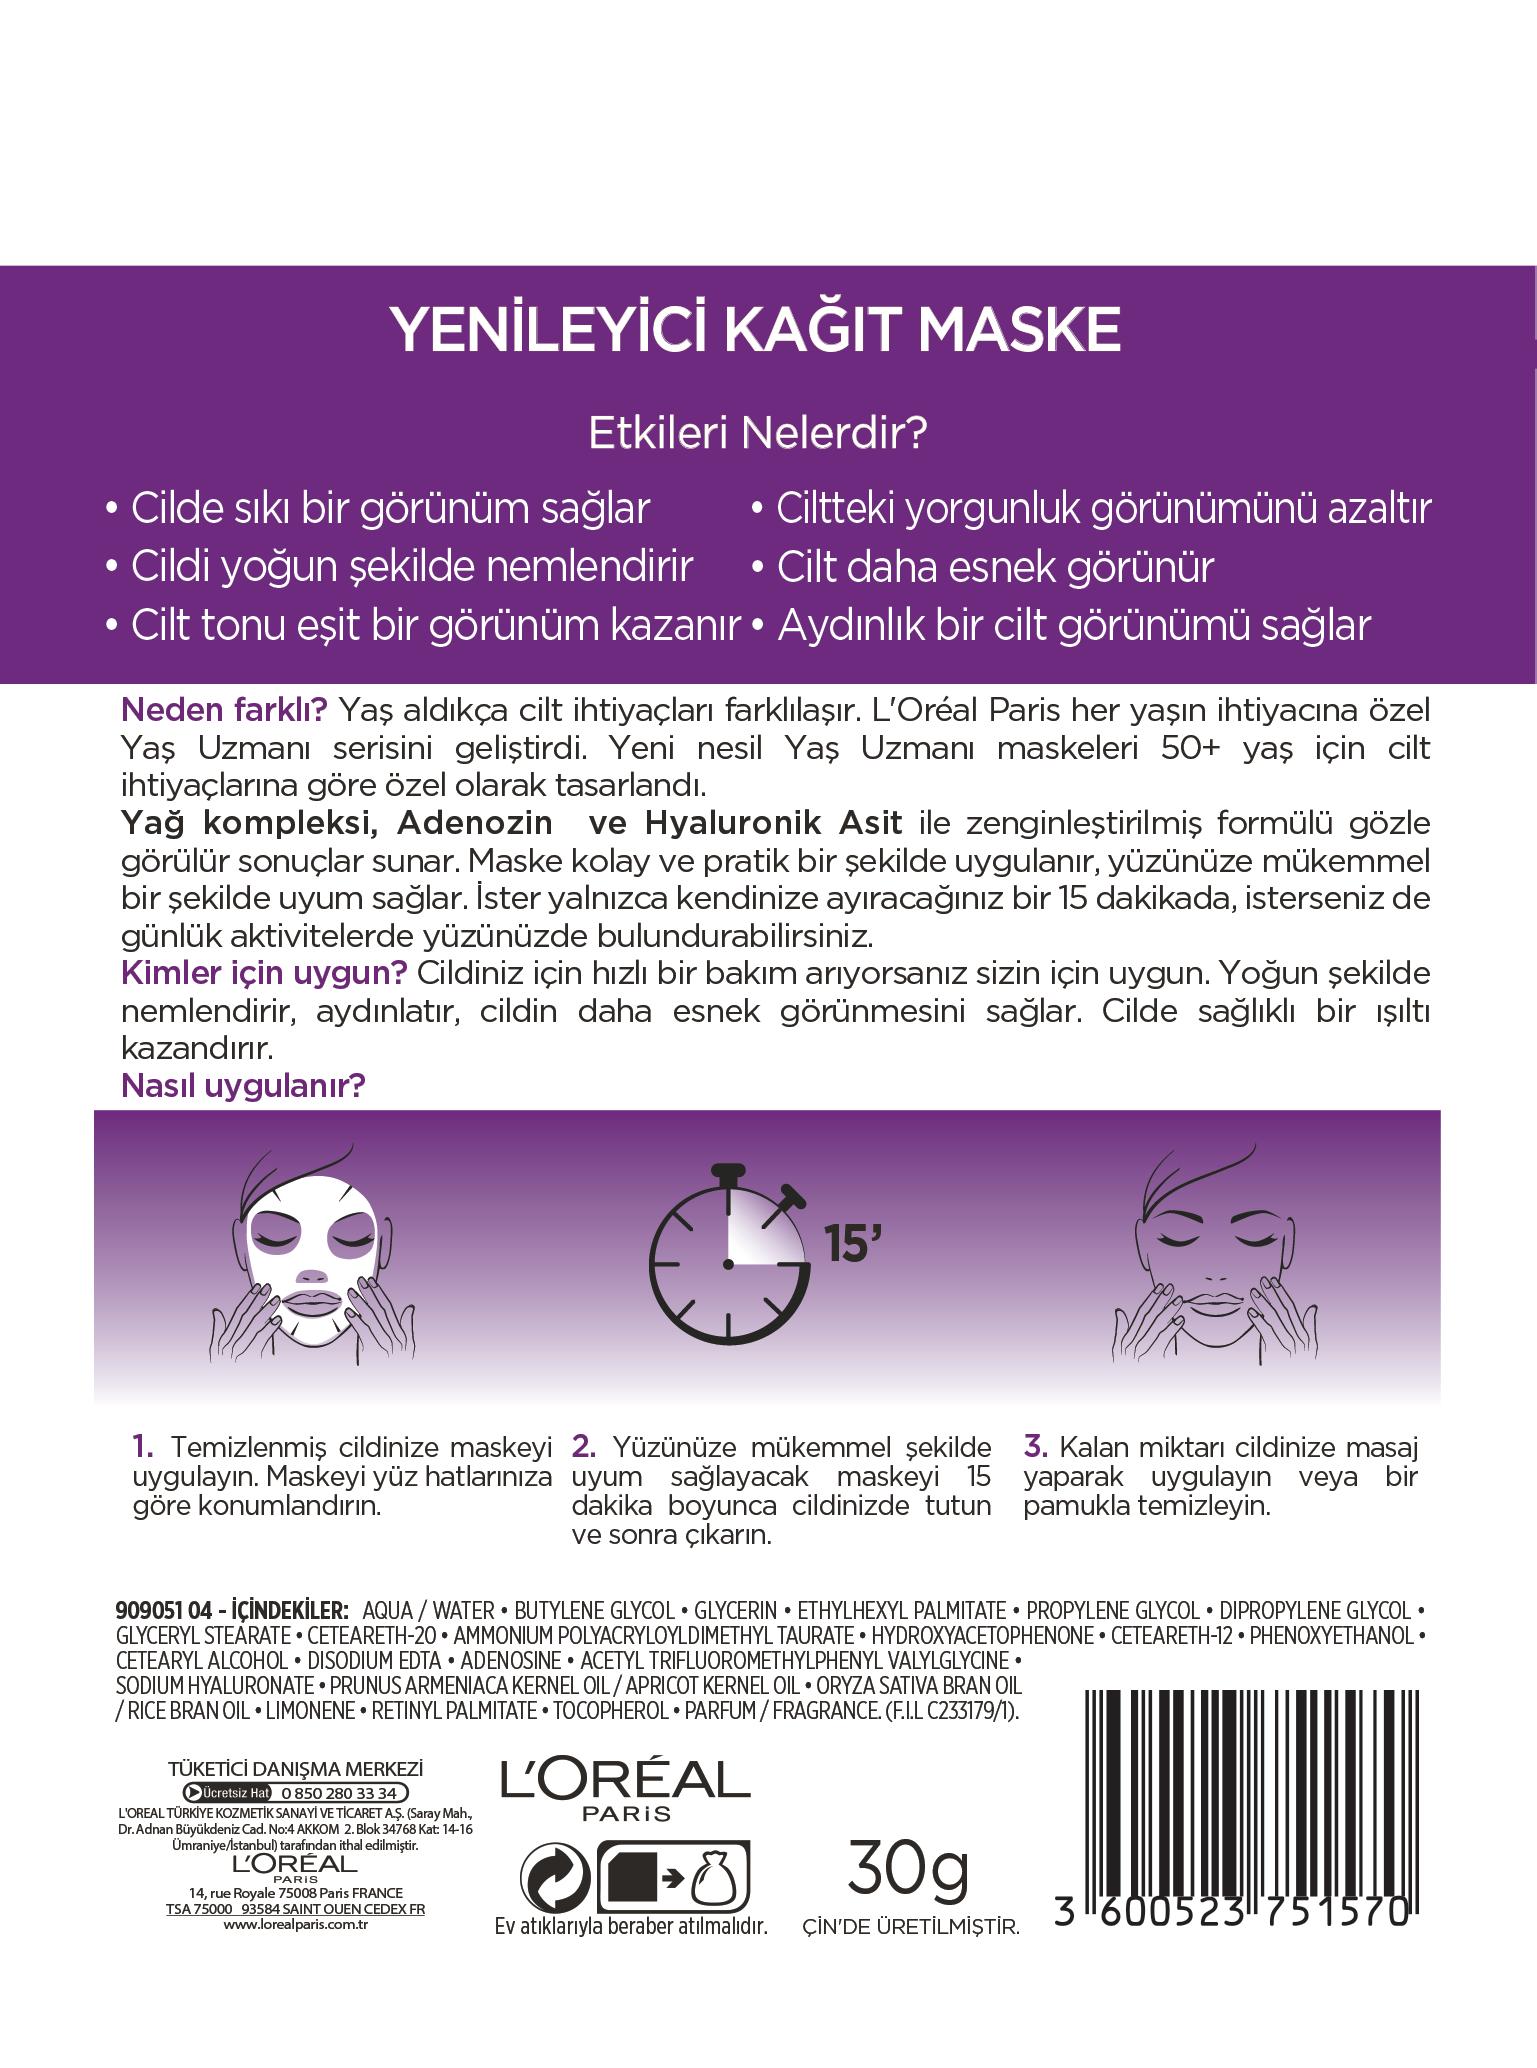 Yaş Uzmanı Yenileyici Kağıt Maske 50+